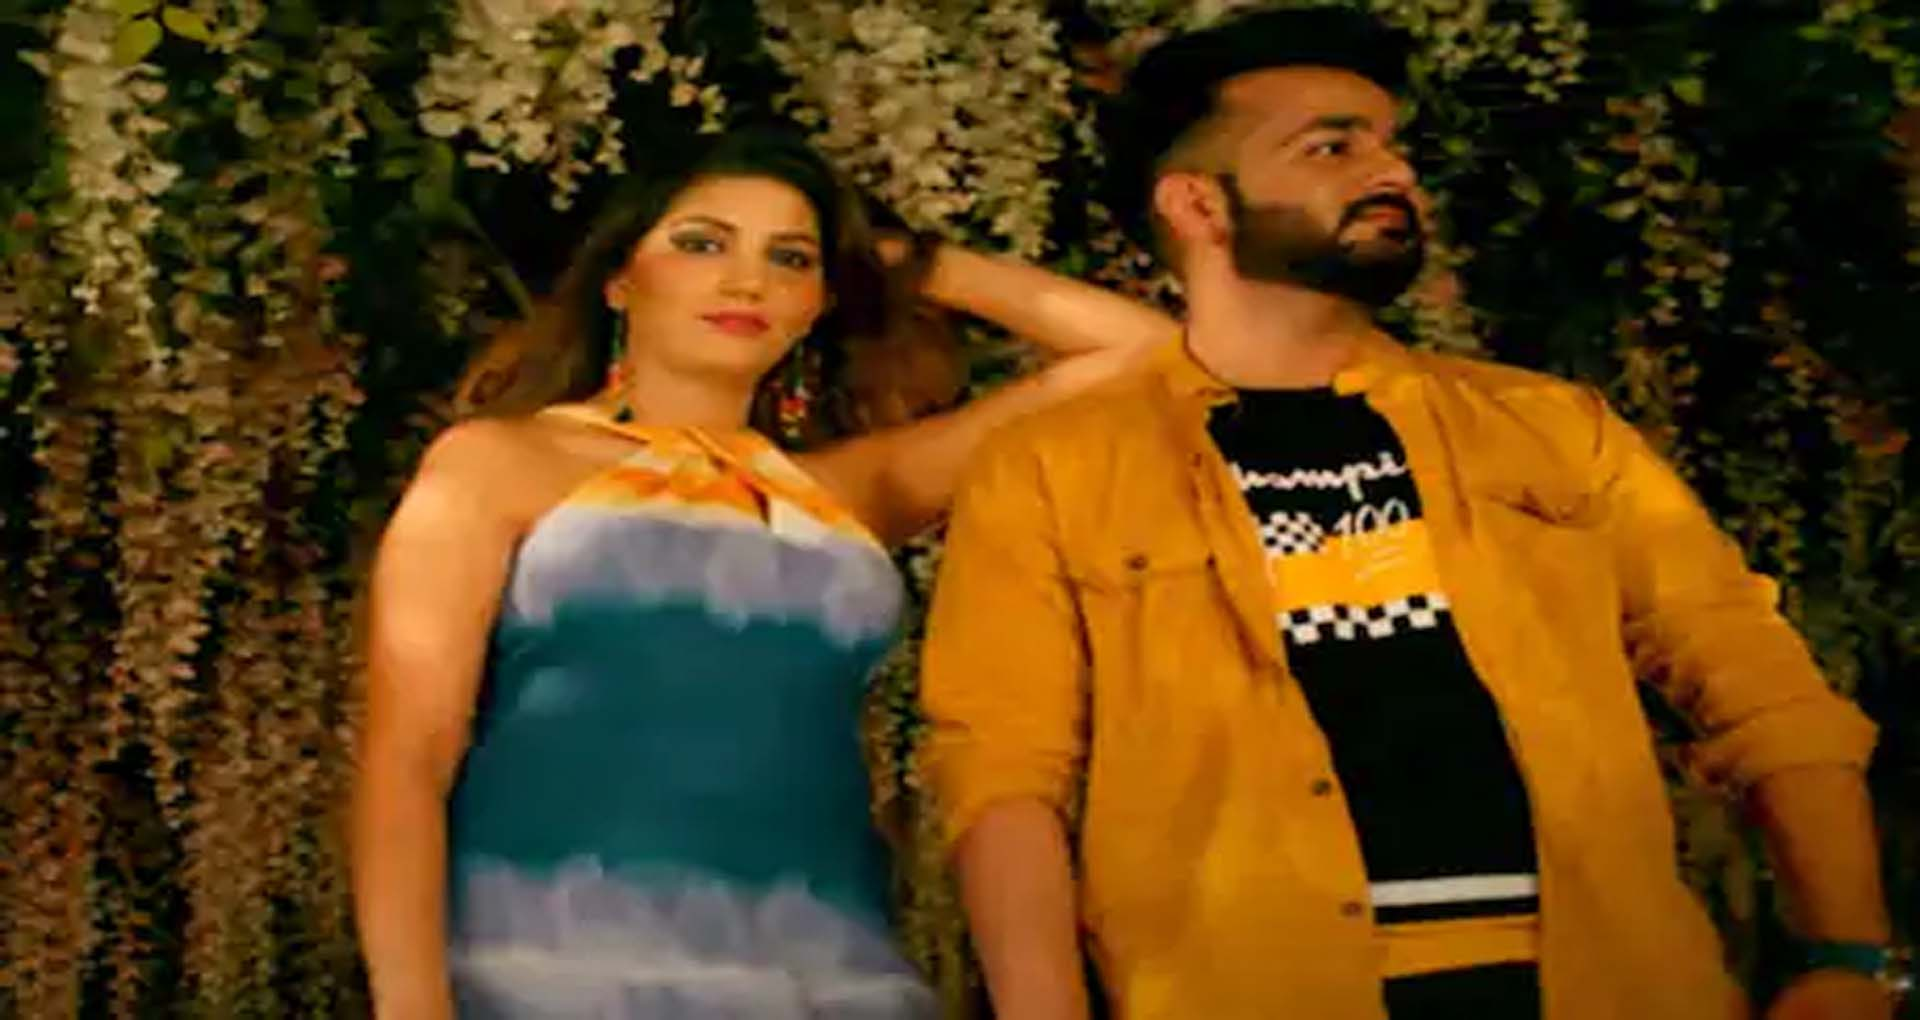 Sapna Choudhary Song: सपना चौधरी के नए गाने 'कतल करेगी के' ने मचाया धमाल! देखें वीडियो